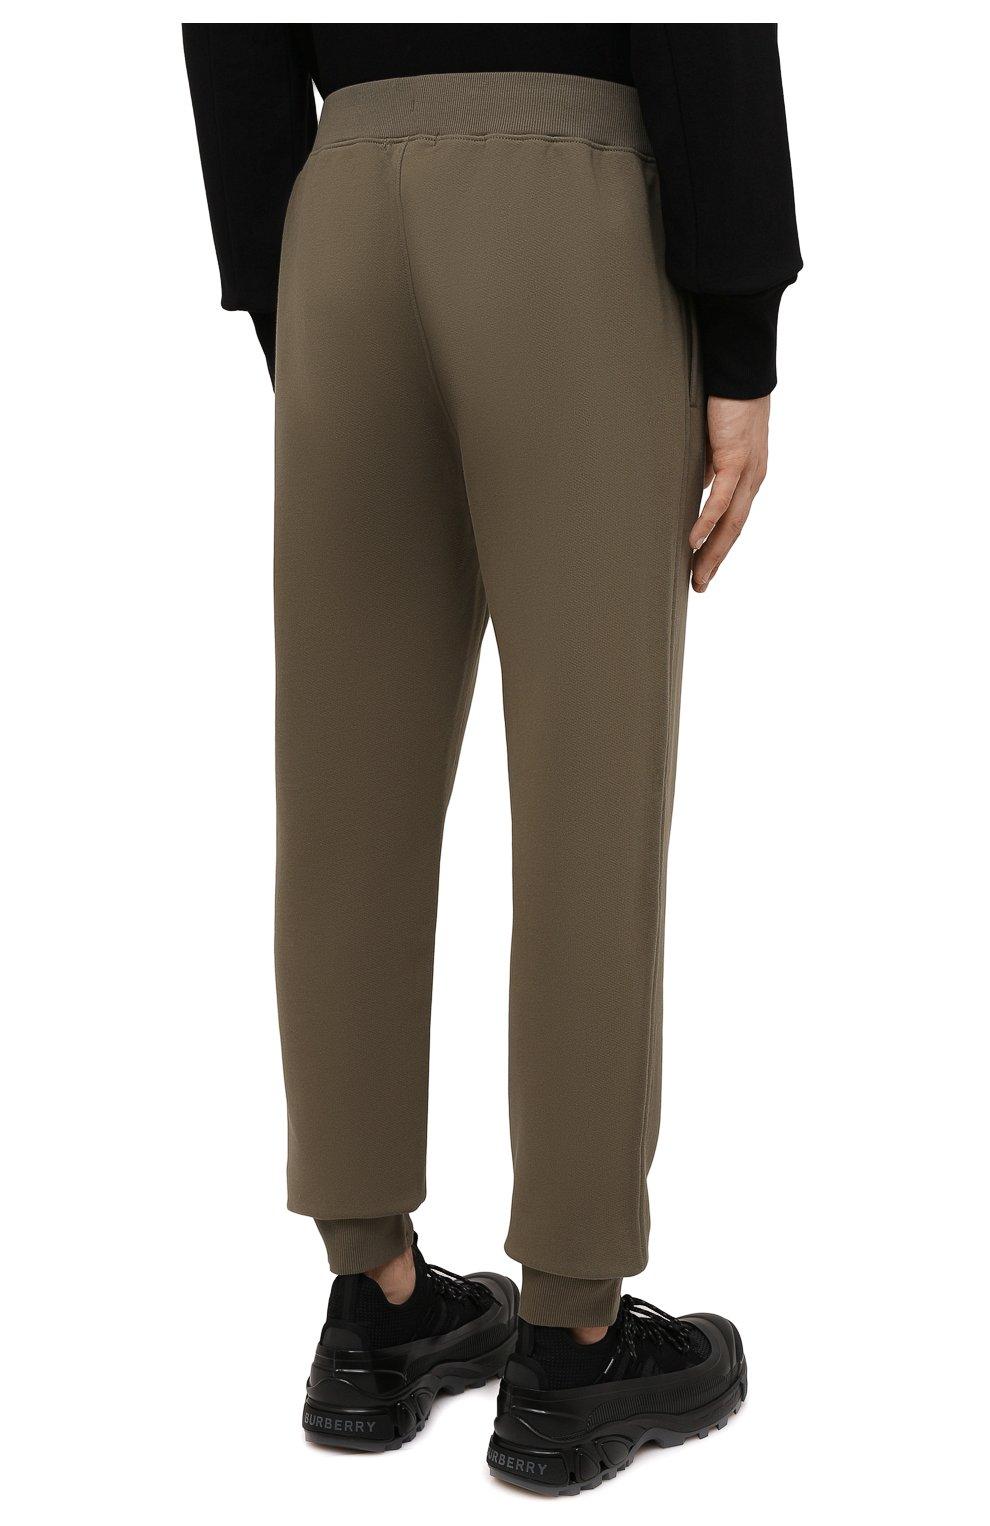 Мужские хлопковые джоггеры C.P. COMPANY хаки цвета, арт. 11CMSP057A-005086W | Фото 4 (Мужское Кросс-КТ: Брюки-трикотаж; Длина (брюки, джинсы): Стандартные; Материал внешний: Хлопок; Стили: Спорт-шик; Силуэт М (брюки): Джоггеры)